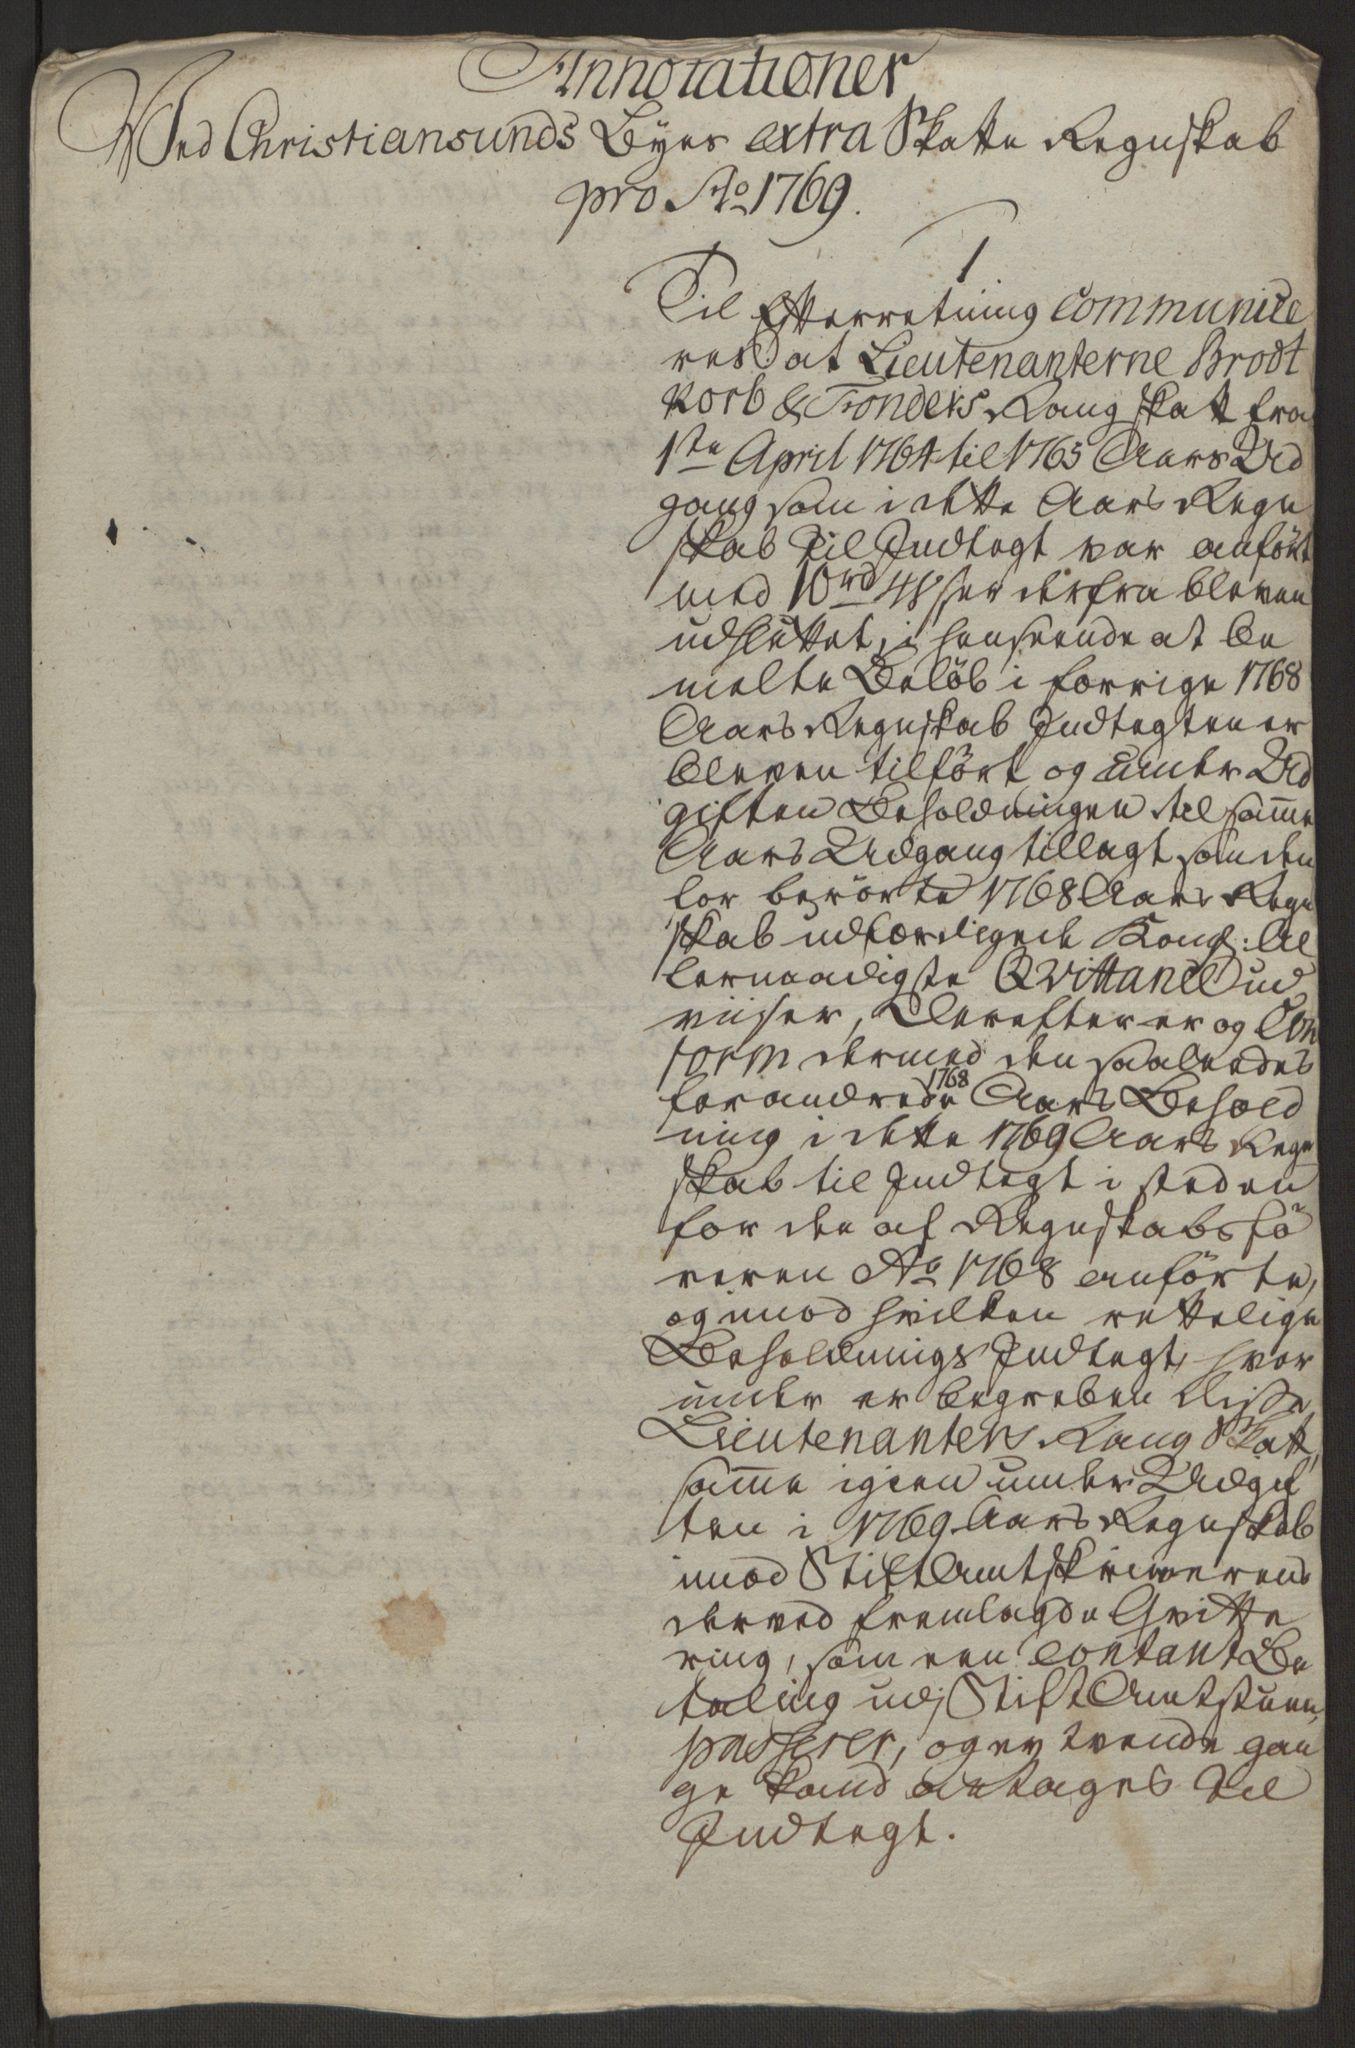 RA, Rentekammeret inntil 1814, Reviderte regnskaper, Byregnskaper, R/Rr/L0495: [R1] Kontribusjonsregnskap, 1762-1772, s. 235